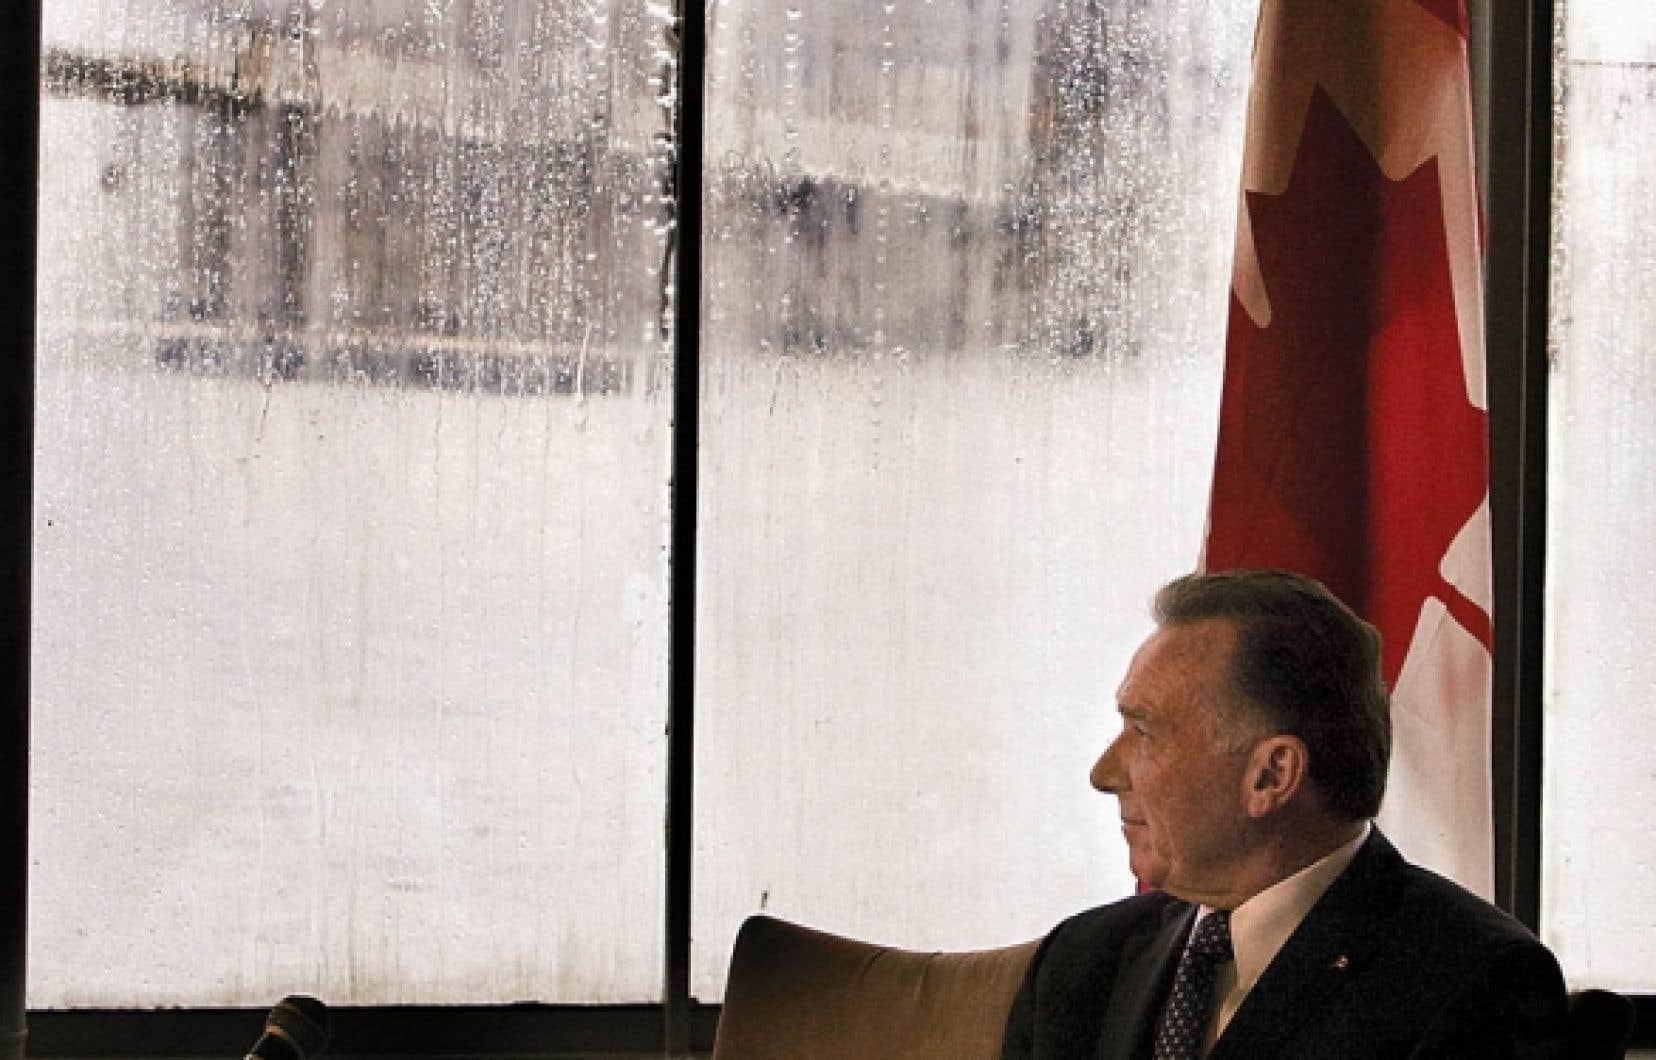 Le ministre de l'Environnement du Canada, Peter Kent, a affirmé que le Canada pouvait subir des sanctions de l'ordre de 14 milliards de dollars s'il demeurait juridiquement lié au Protocole de Kyoto.